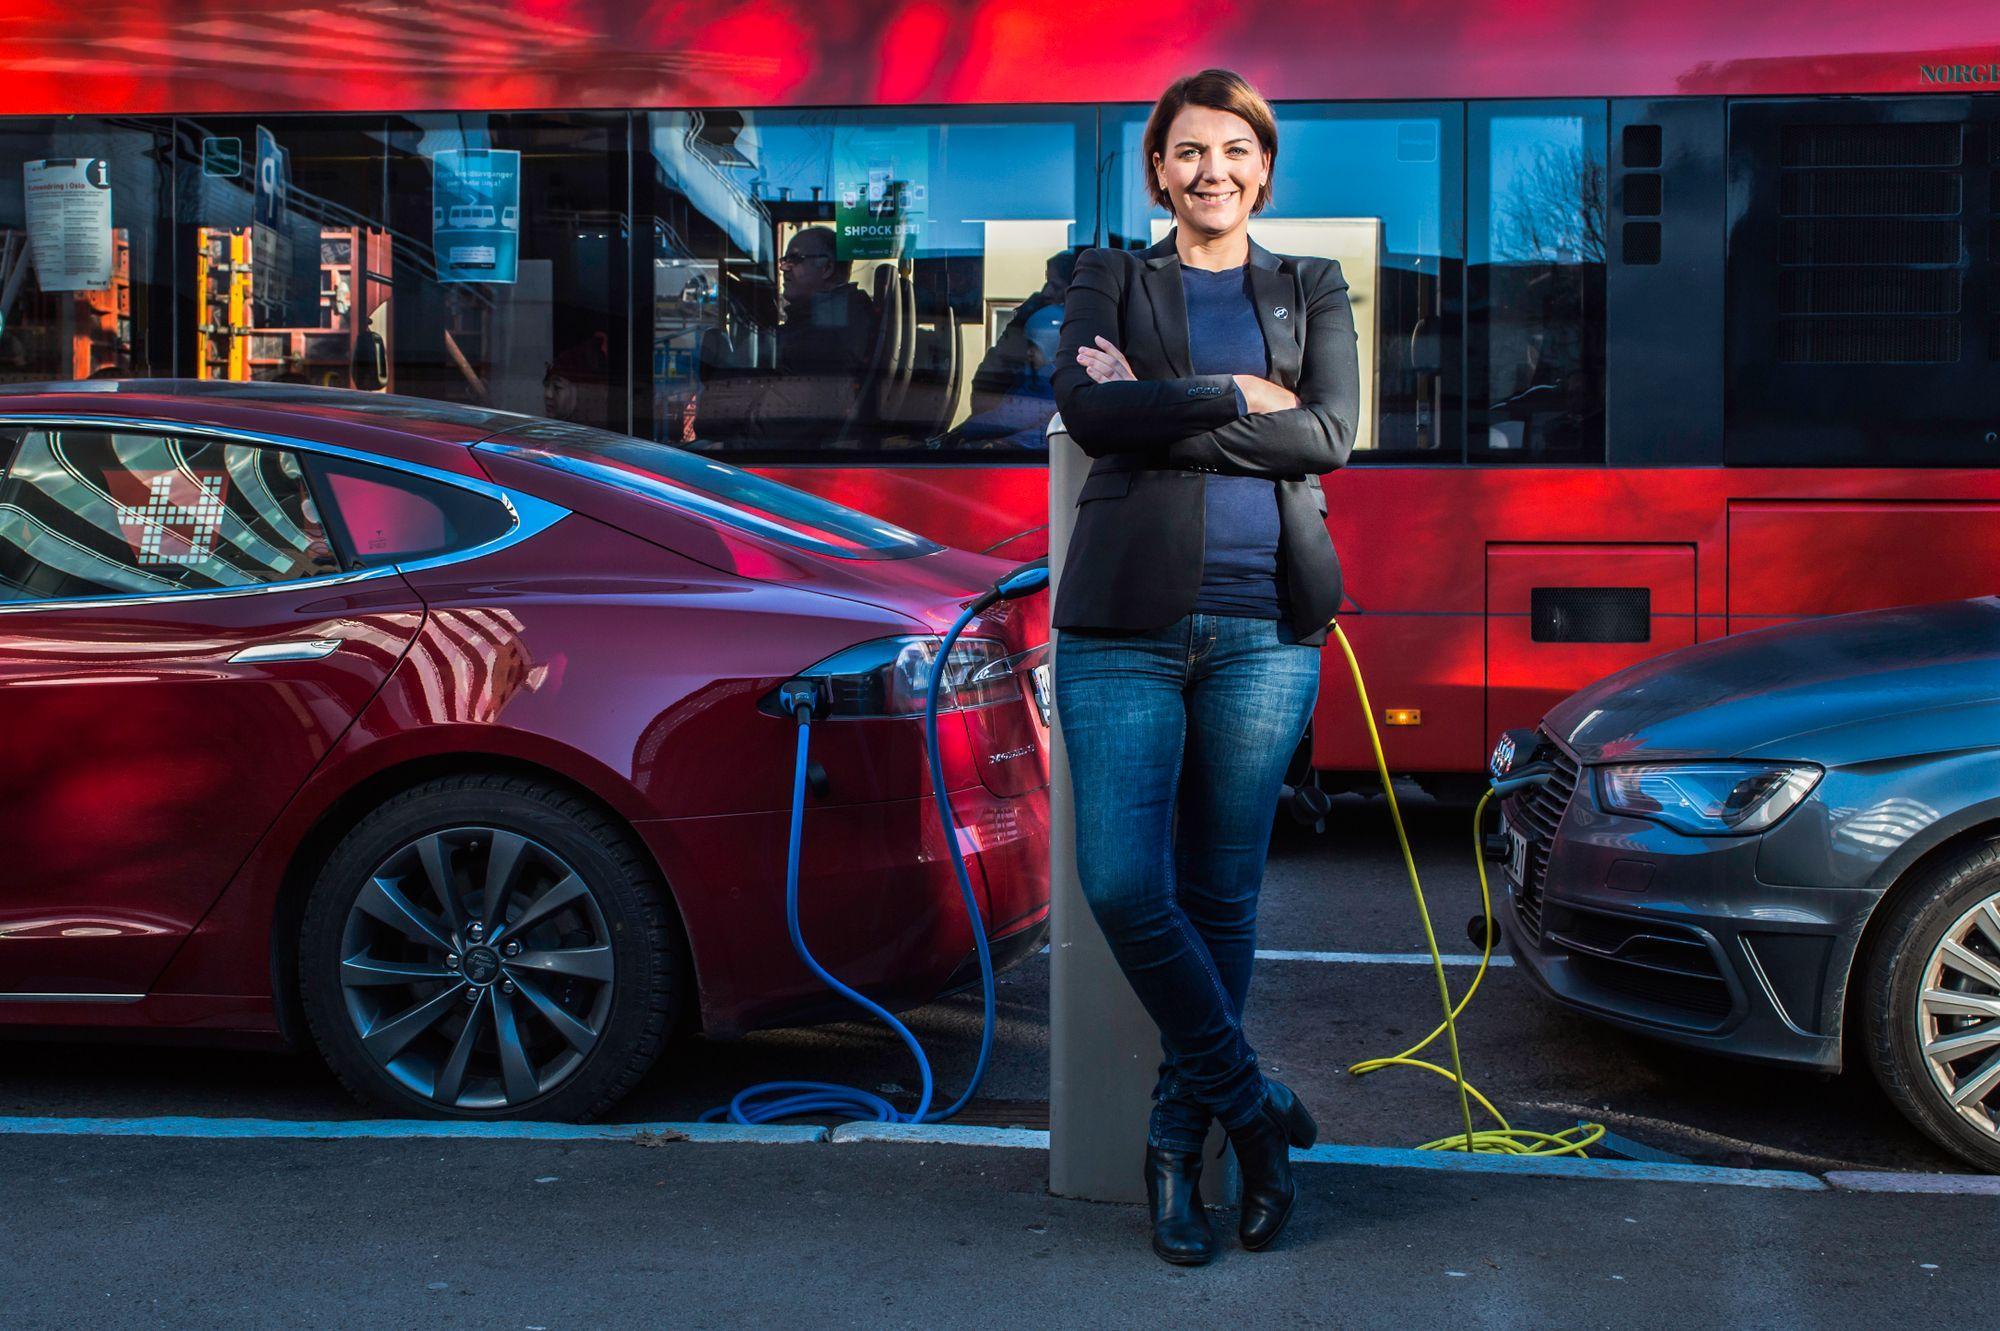 Christina Bu i Elbilforeningen mener det ikke er rart at forbrukerne reagerer på Teslas praksis.